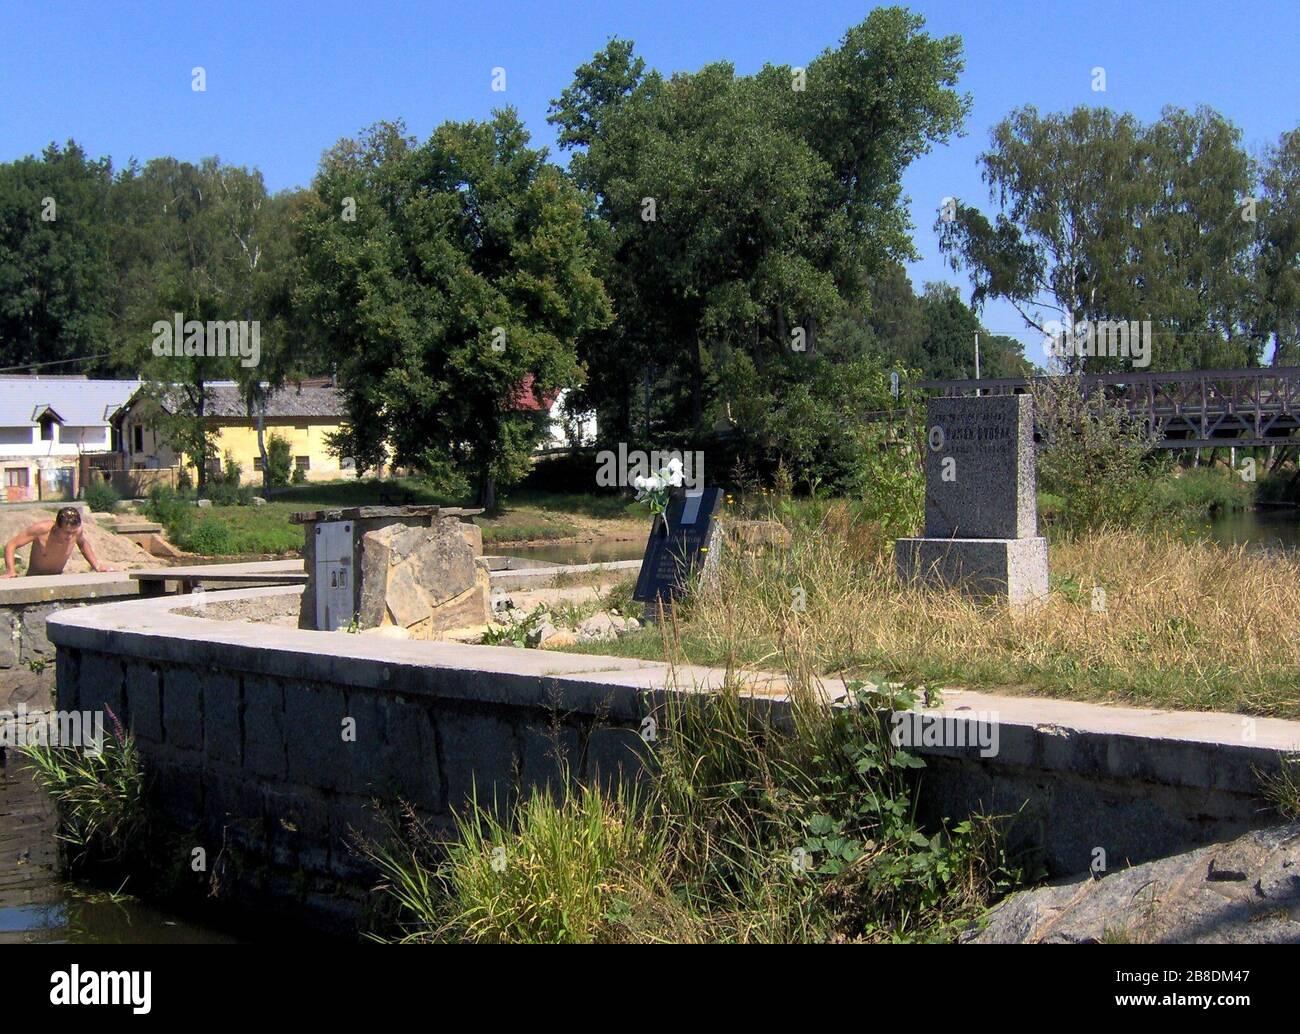 """""""Čeština: Lužnice-pomníčky u jezu Dráchov; 15 July 2007; Originally from cs.wikipedia; description page is/was here.; R.Kukačka/L.Jeřábek; Original uploader was R.Kukačka at cs.wikipedia; """" Stock Photo"""